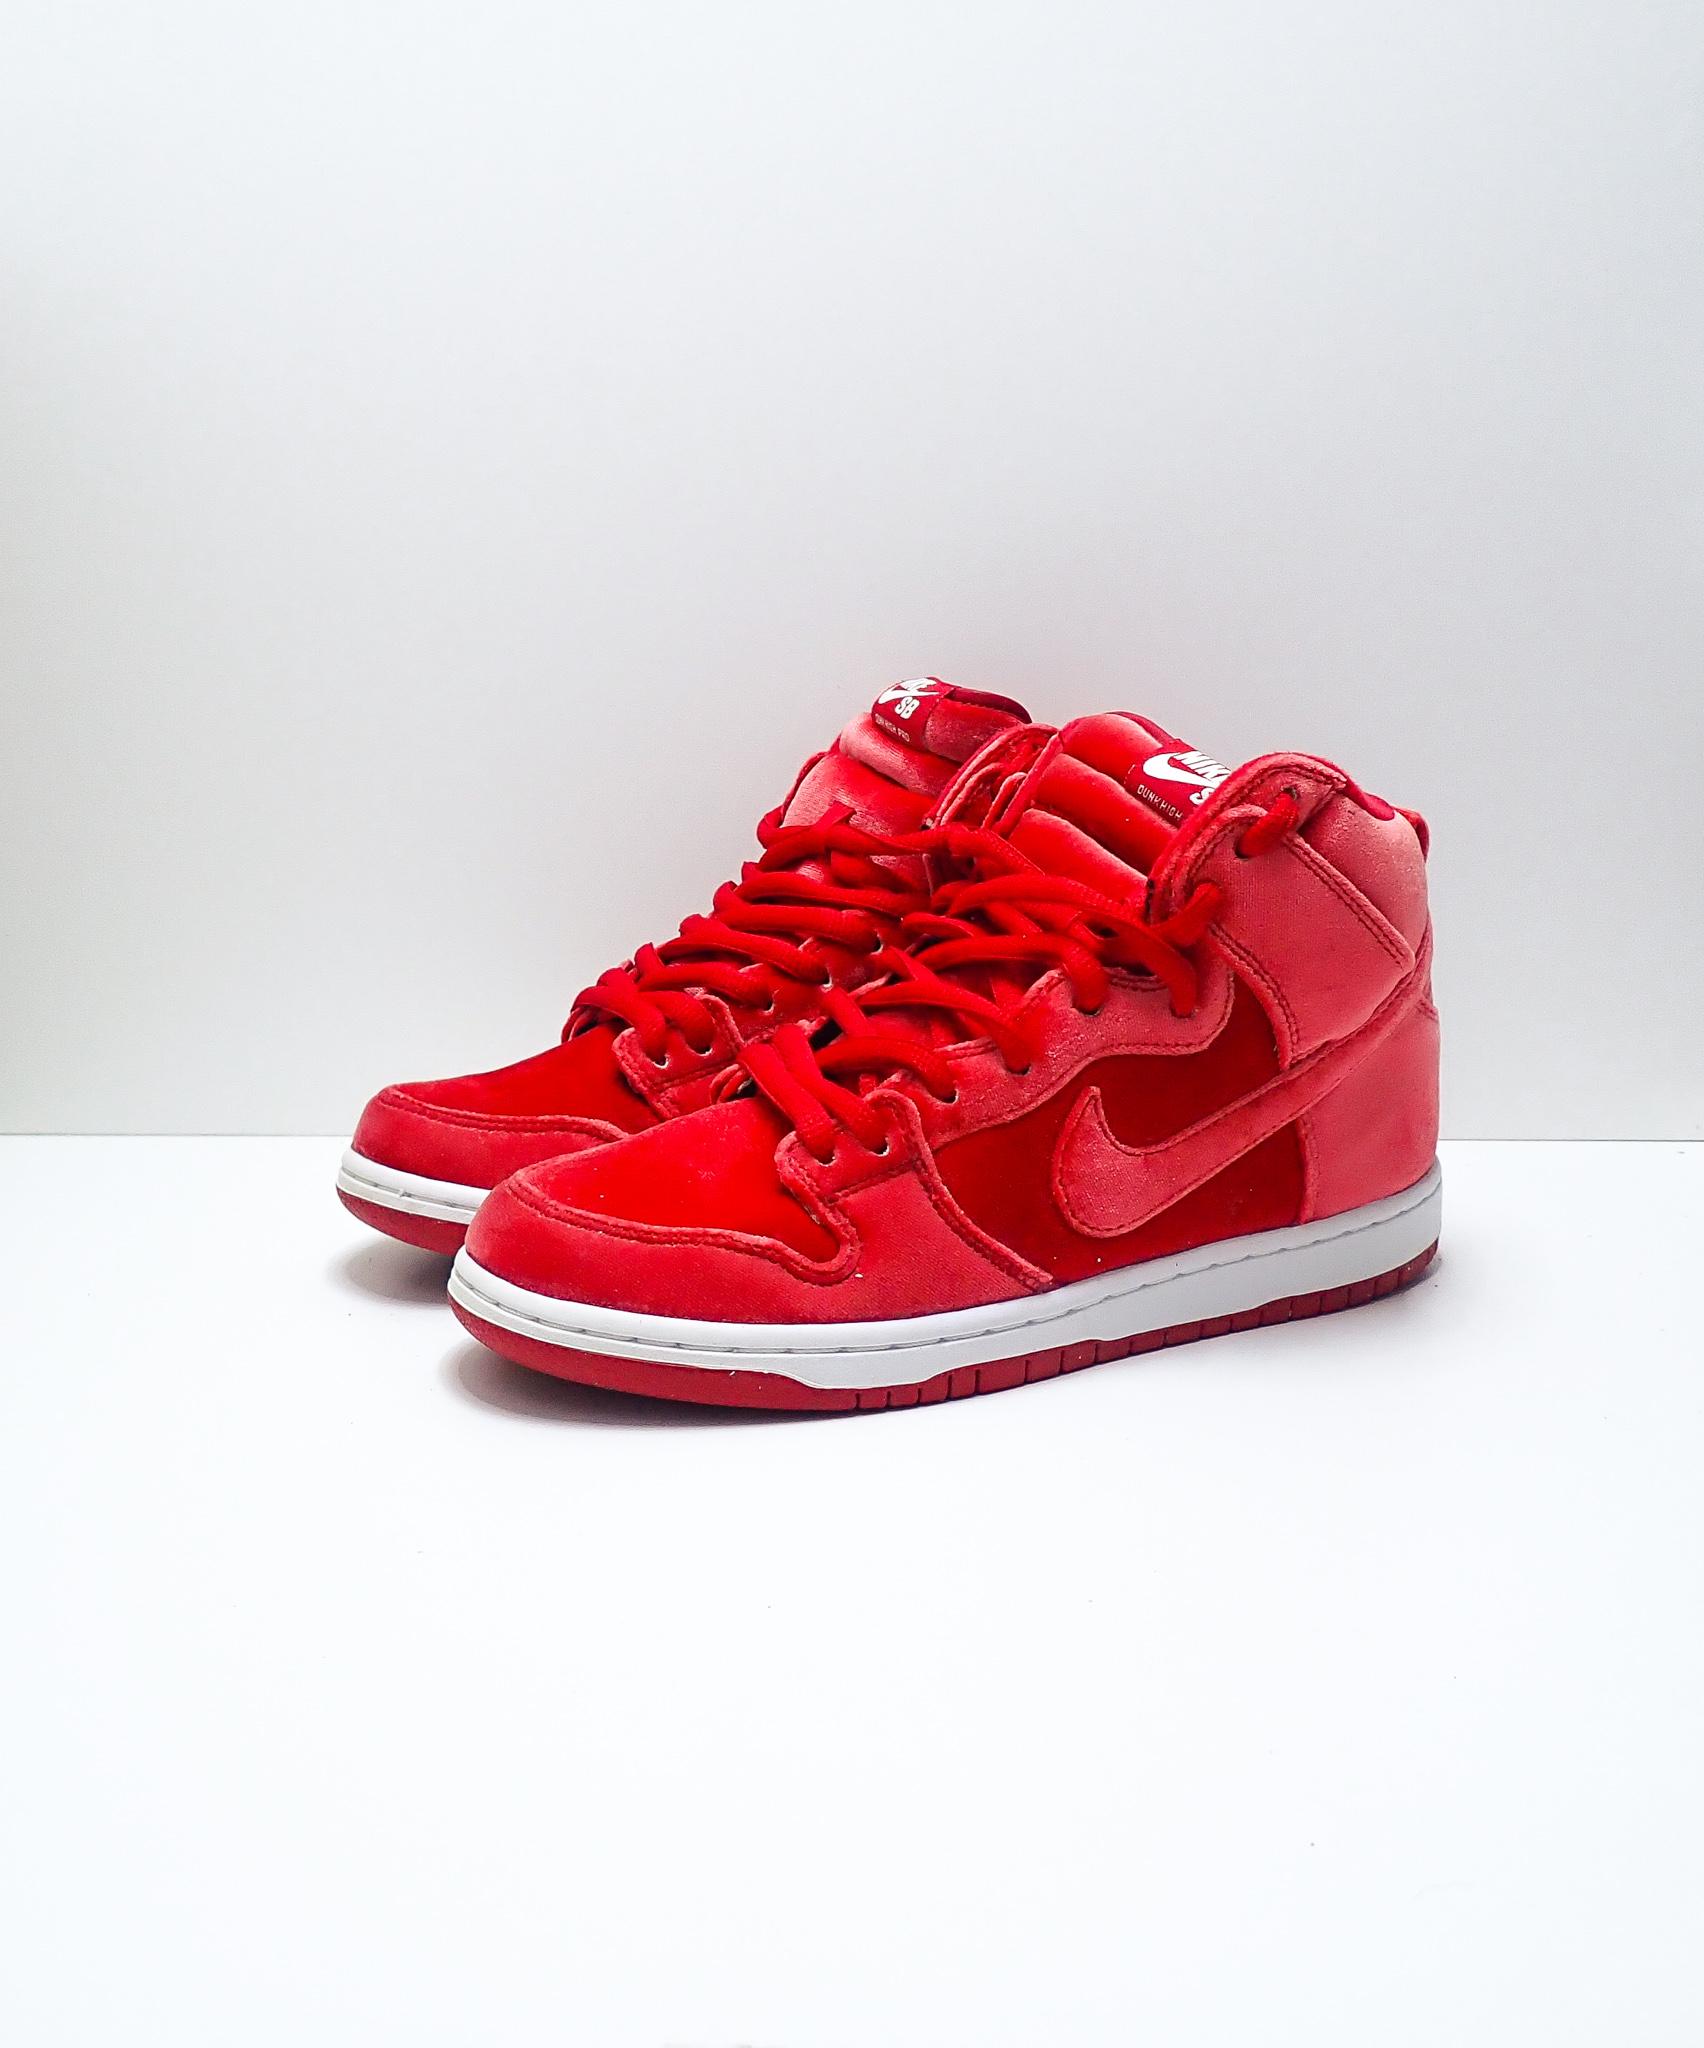 Nike Dunk SB High Red Velvet